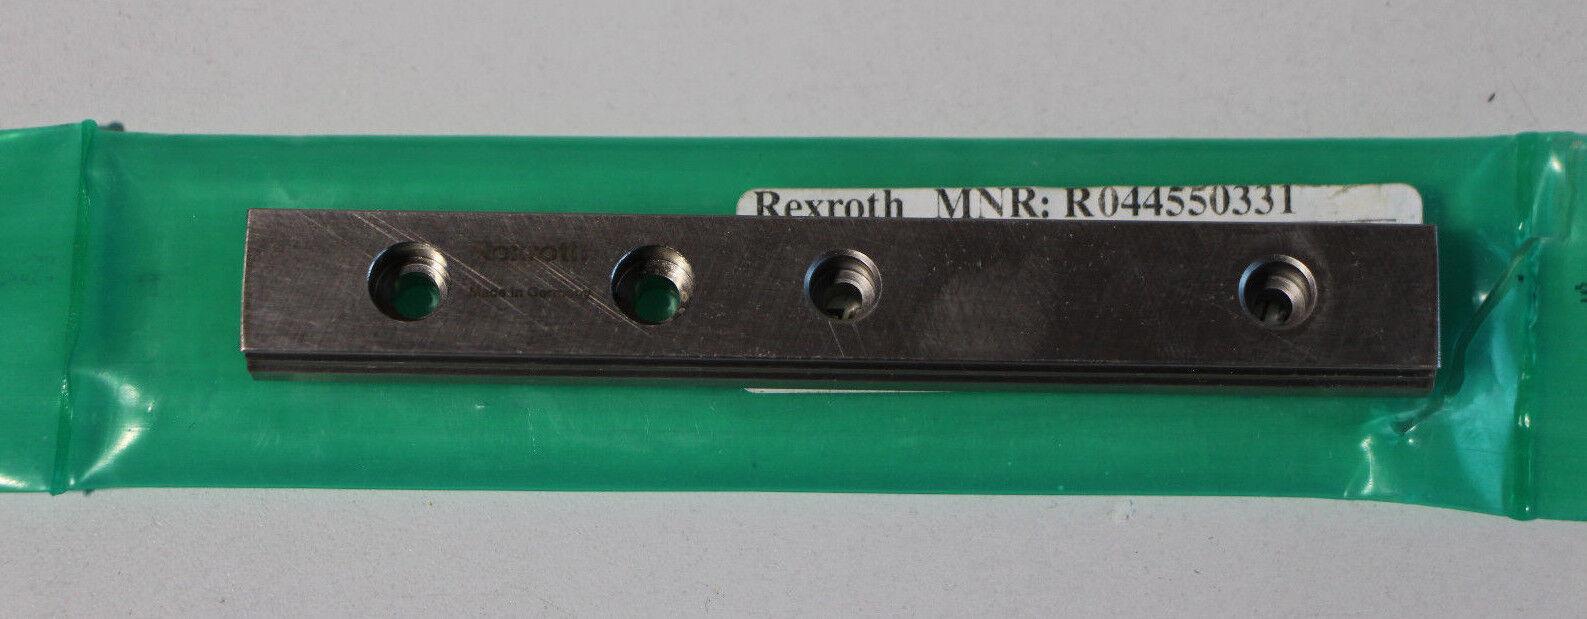 BOSCH REXROTH r044550331 boule-Rail de rail guidage/Ball rail de (c215) 304f4c